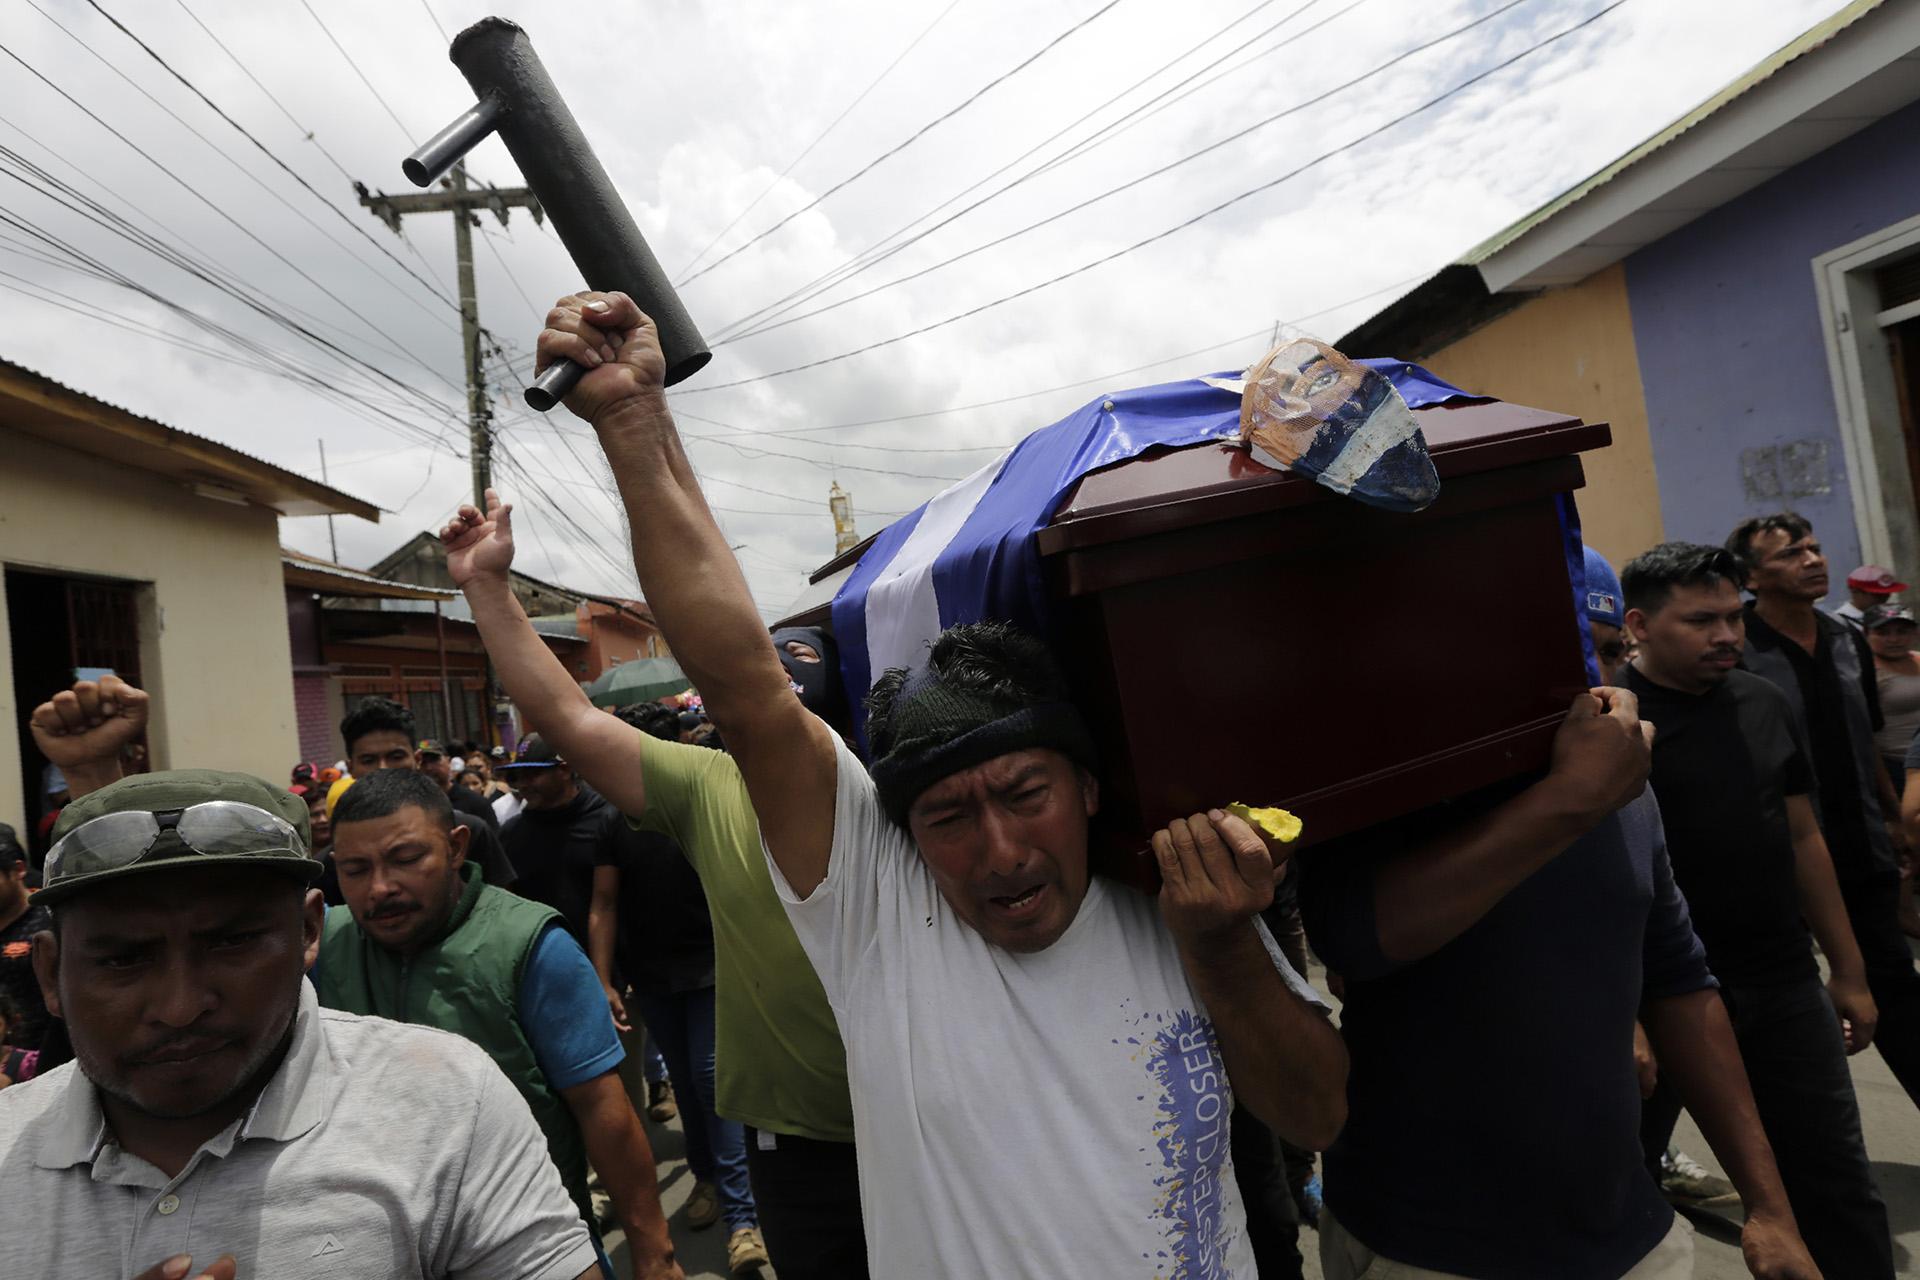 Un amigo de Jorge Carrion, asesinado durante las protestas contra el gobierno de Daniel Ortega en Nicaragua, sostiene un mortero casero durante el funeral en la ciudad deMasaya, el 7 de junio (INTI OCON / AFP)